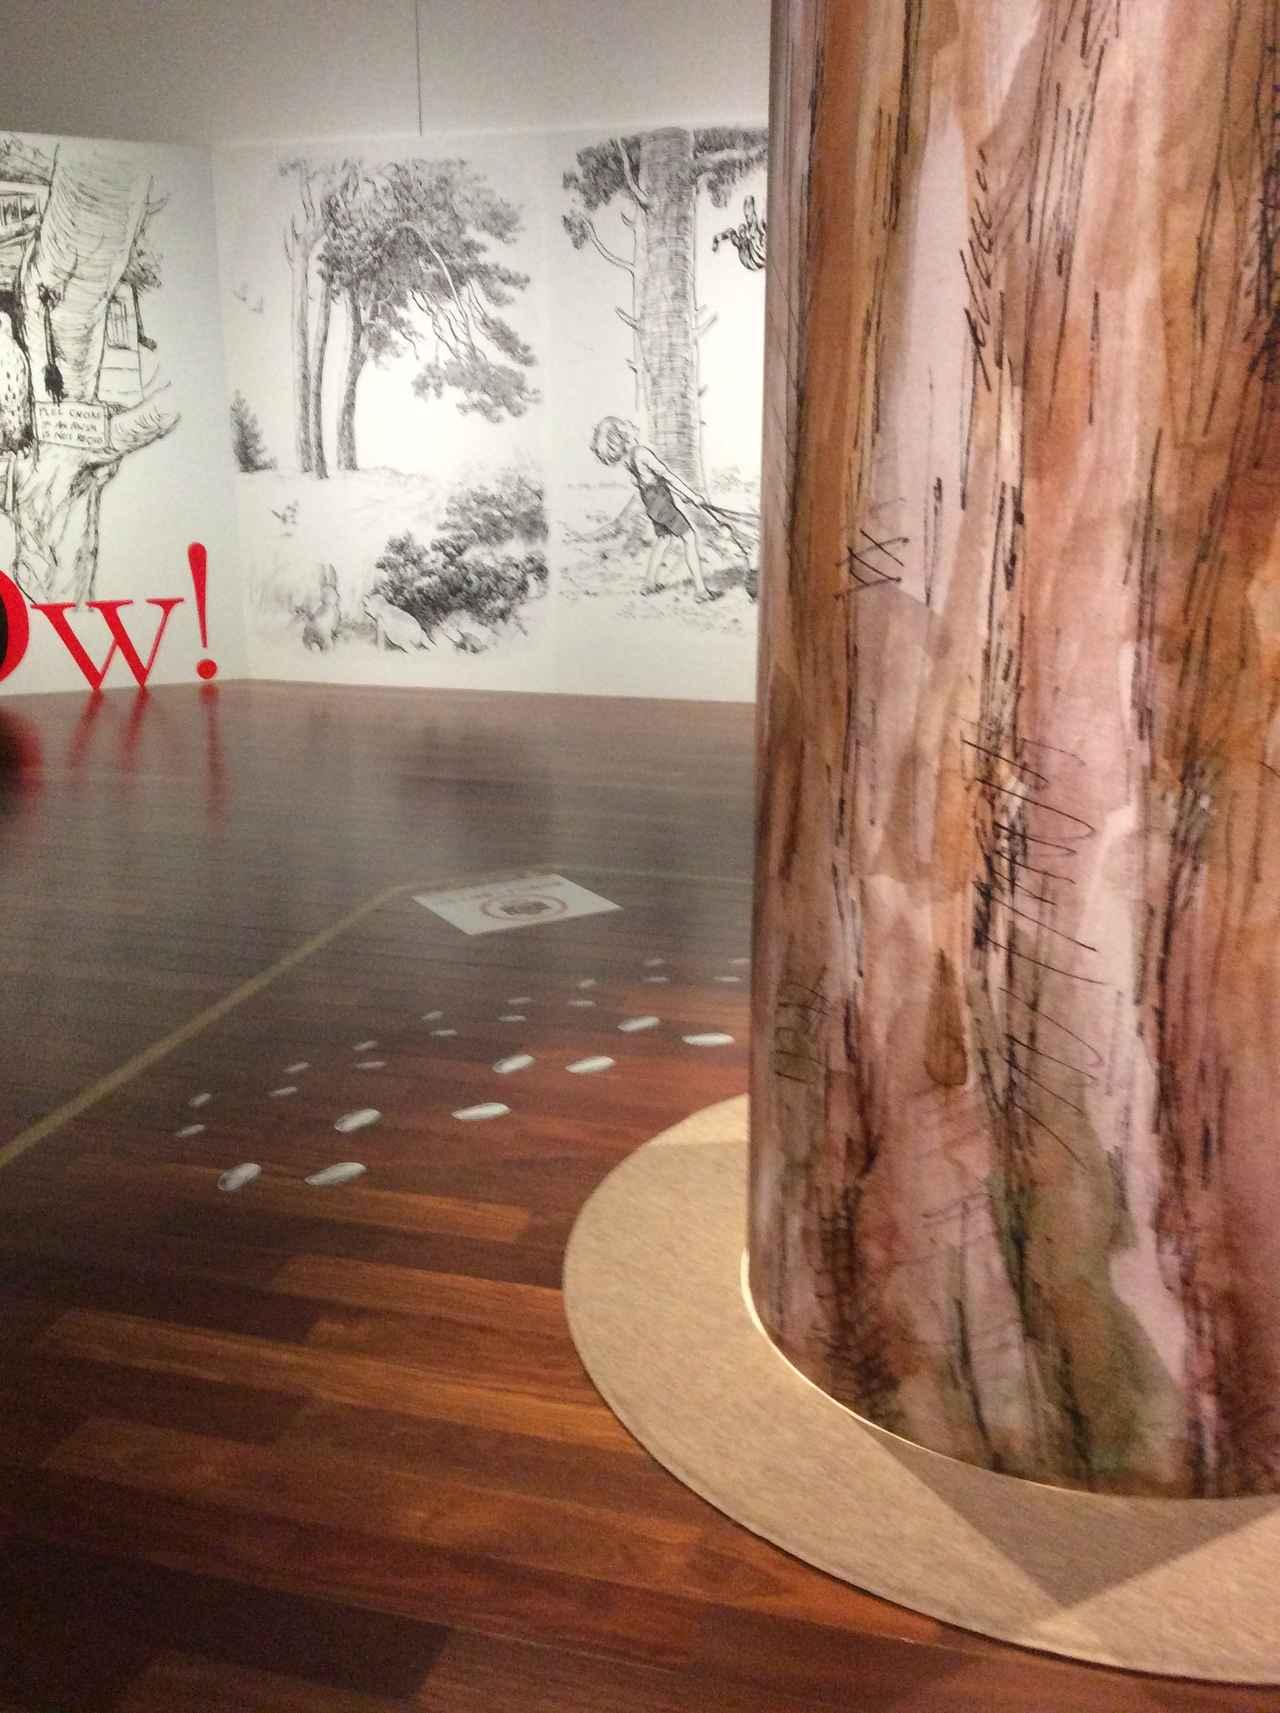 画像2: 「クマのプーさん展 」大阪会場 展示風景 photo©︎cinefil